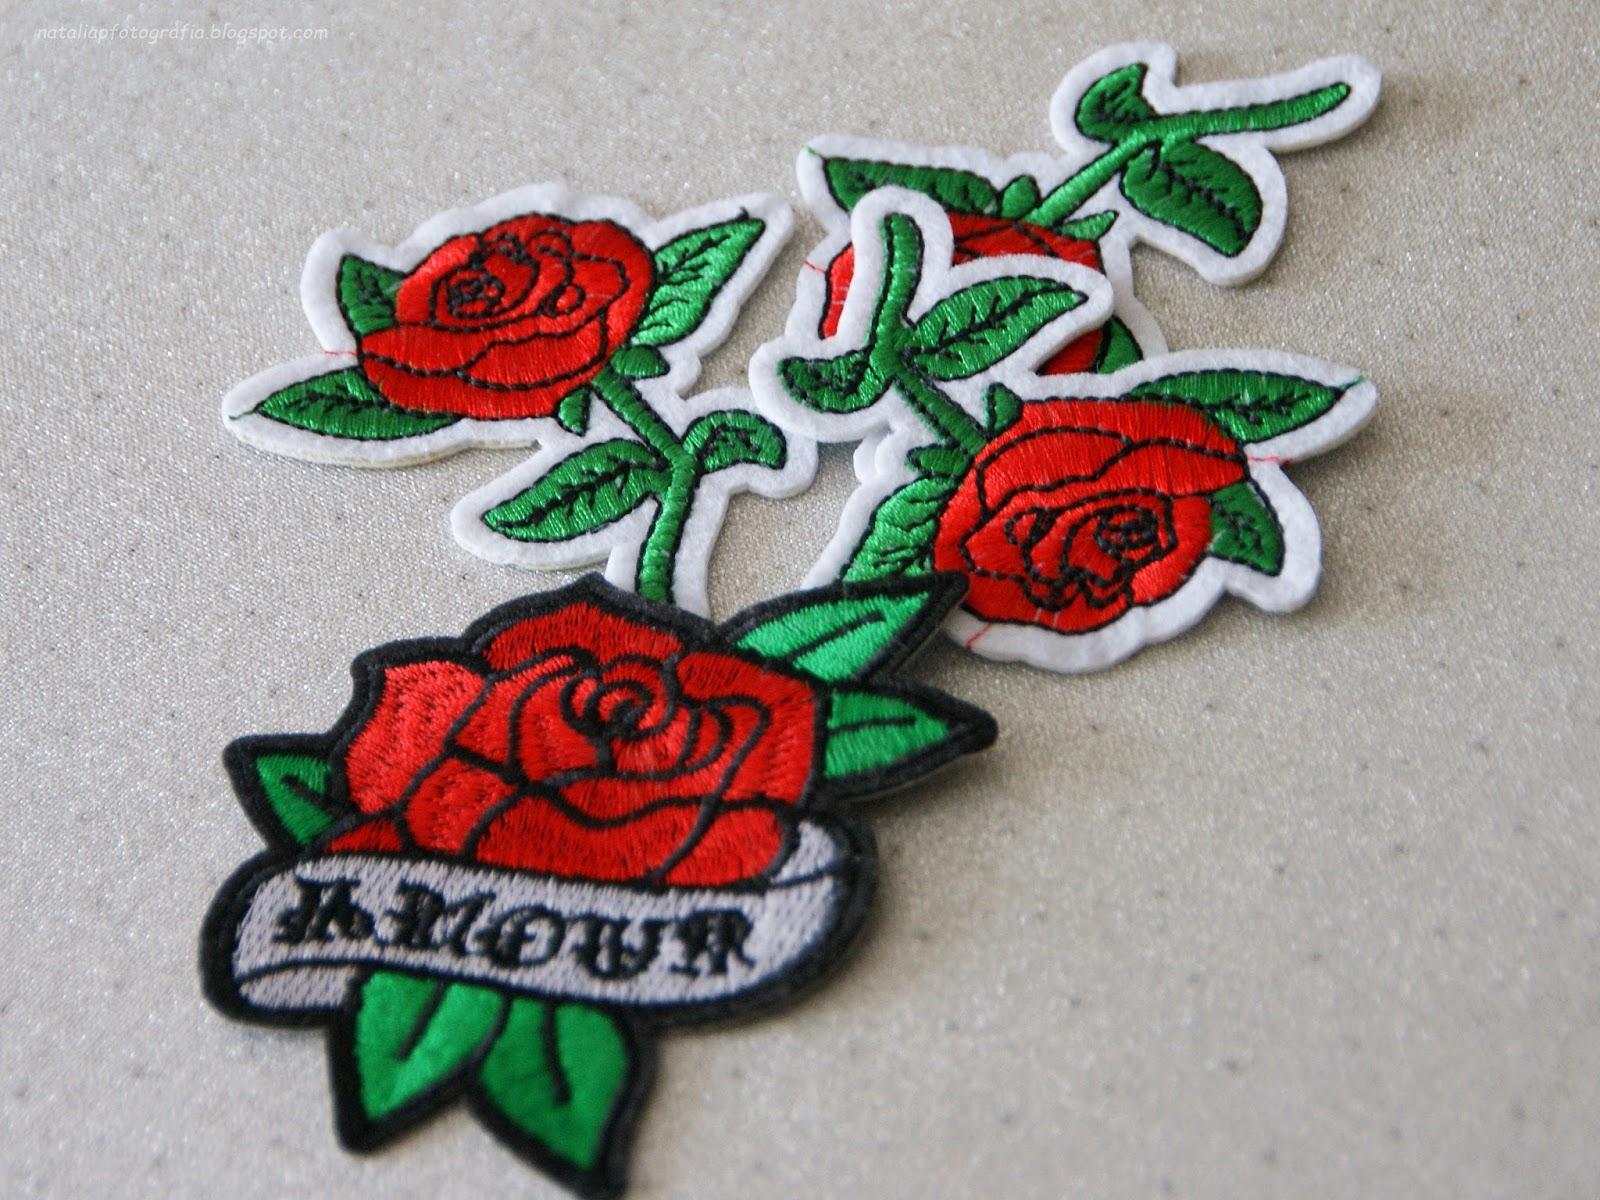 Wyrazu Róży Fotografia Z Sposobem Motywem Ubrania Diy BpUYWw